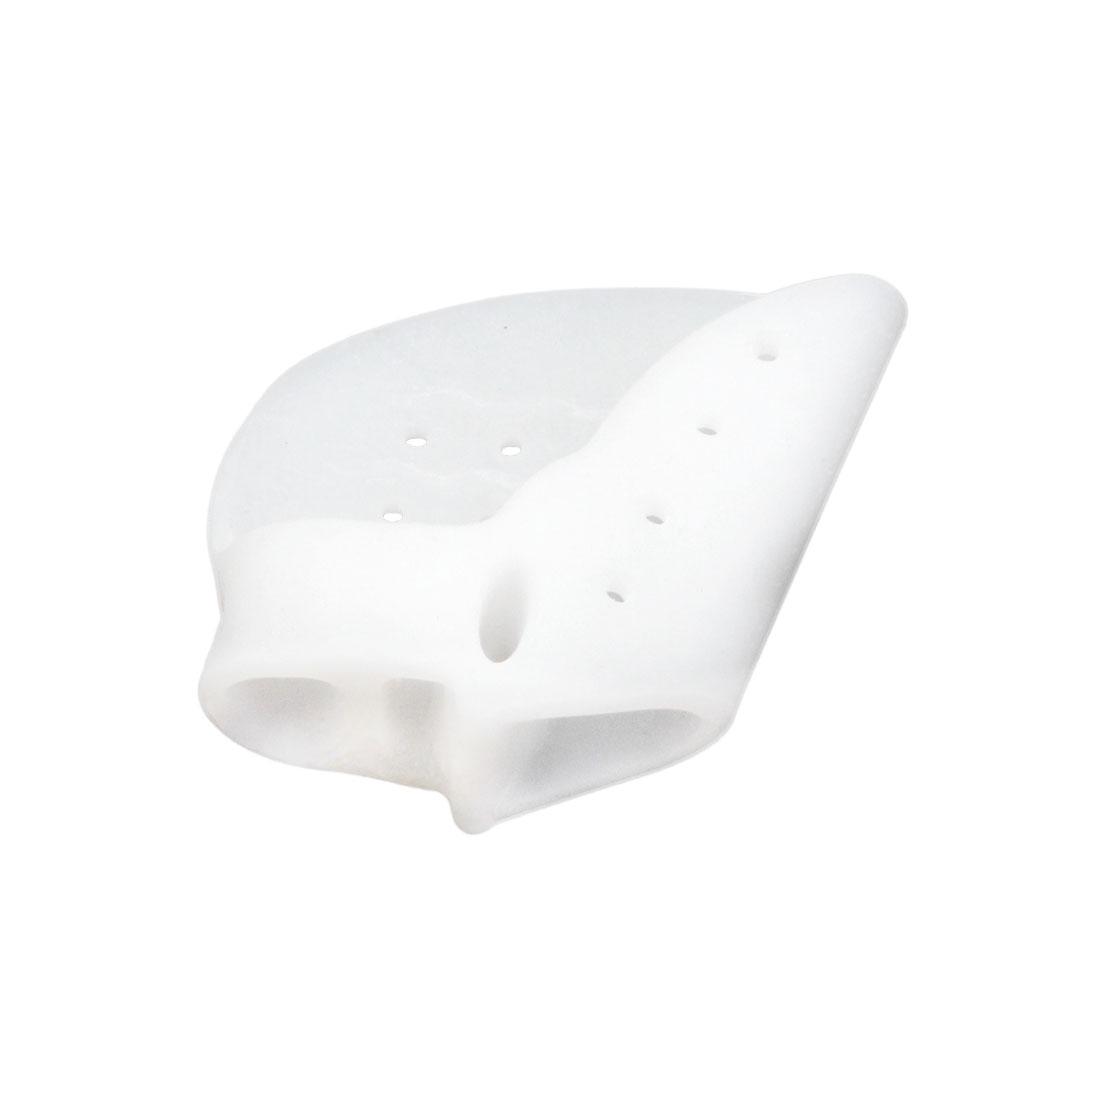 Купить Фиксатор Gel Plate многофункциональный на 3 пальца с подушечкой, GESS-022